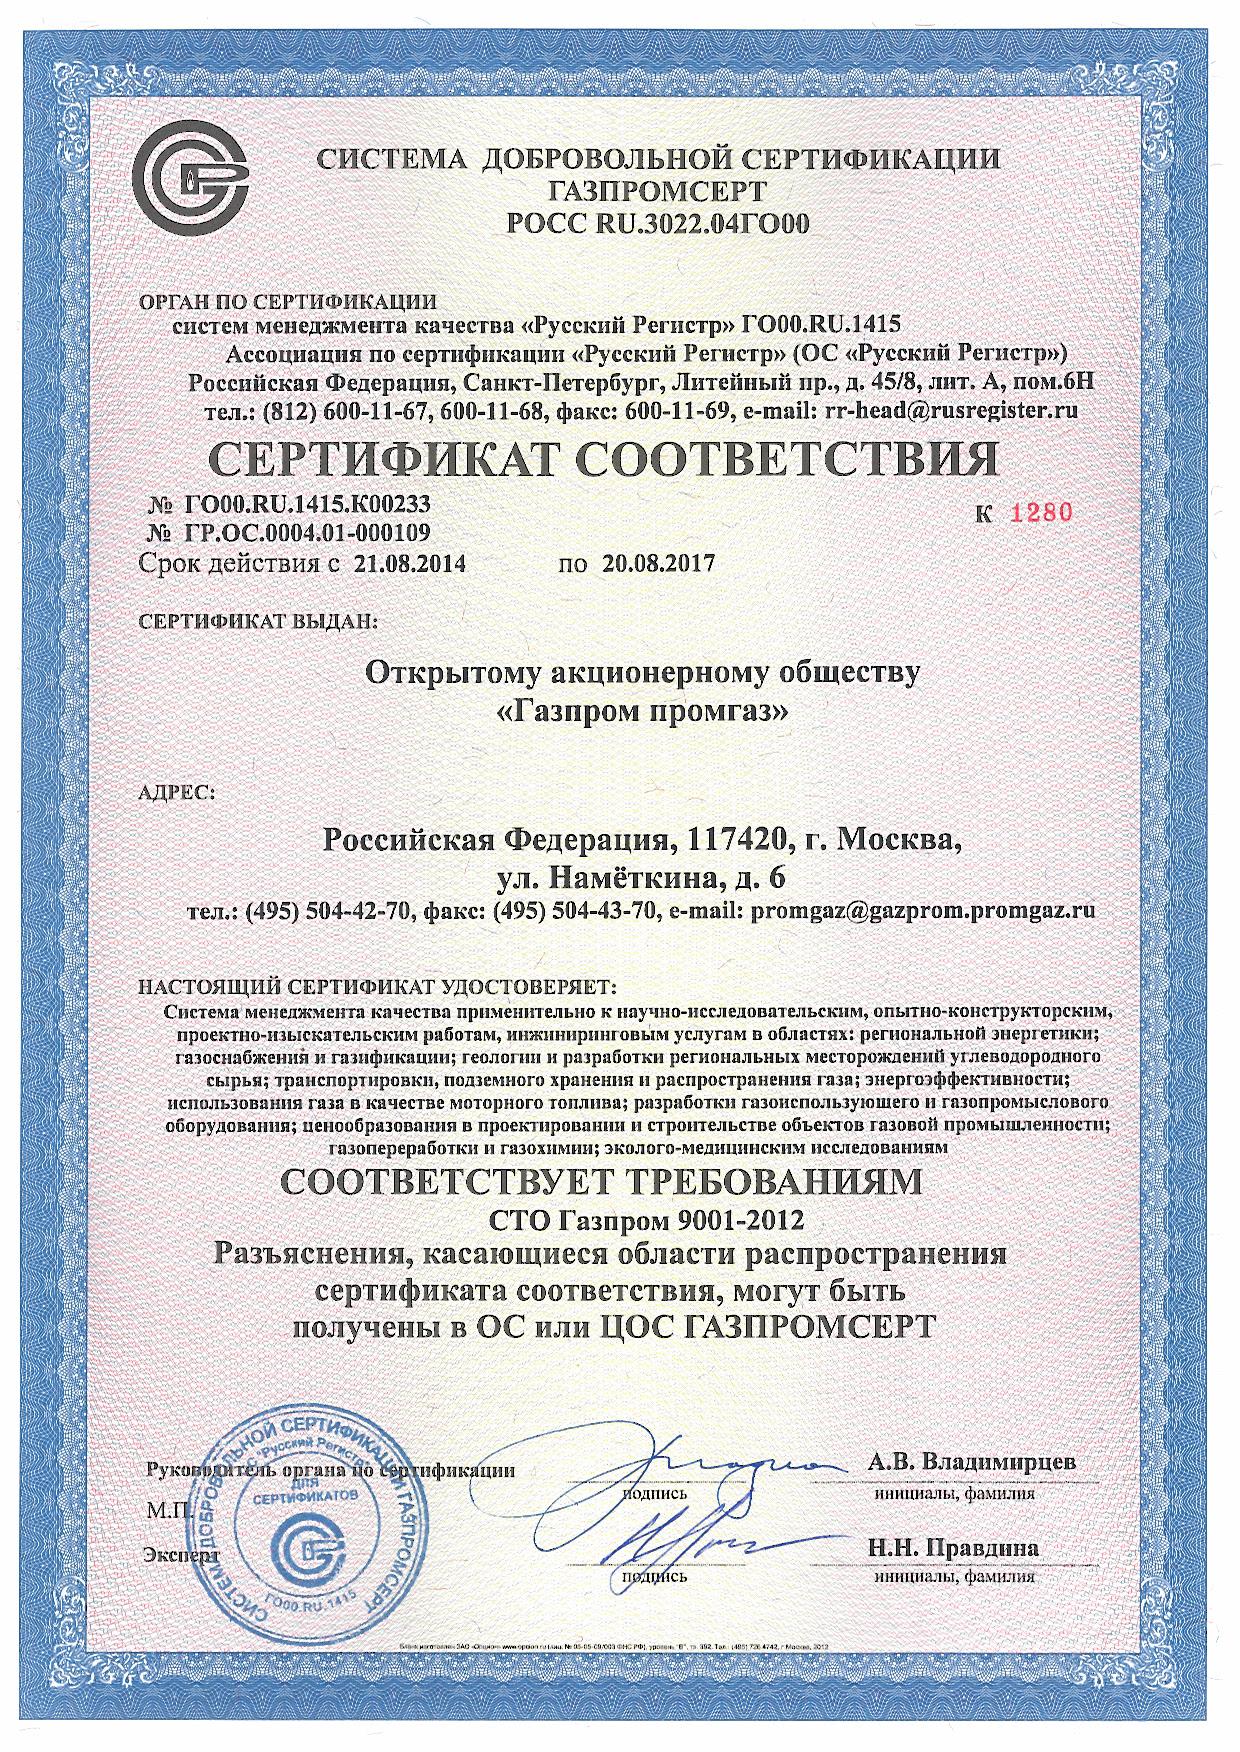 Сто газпром сертификация наркоконтроль алтайский край сертификация реабилитационных центров